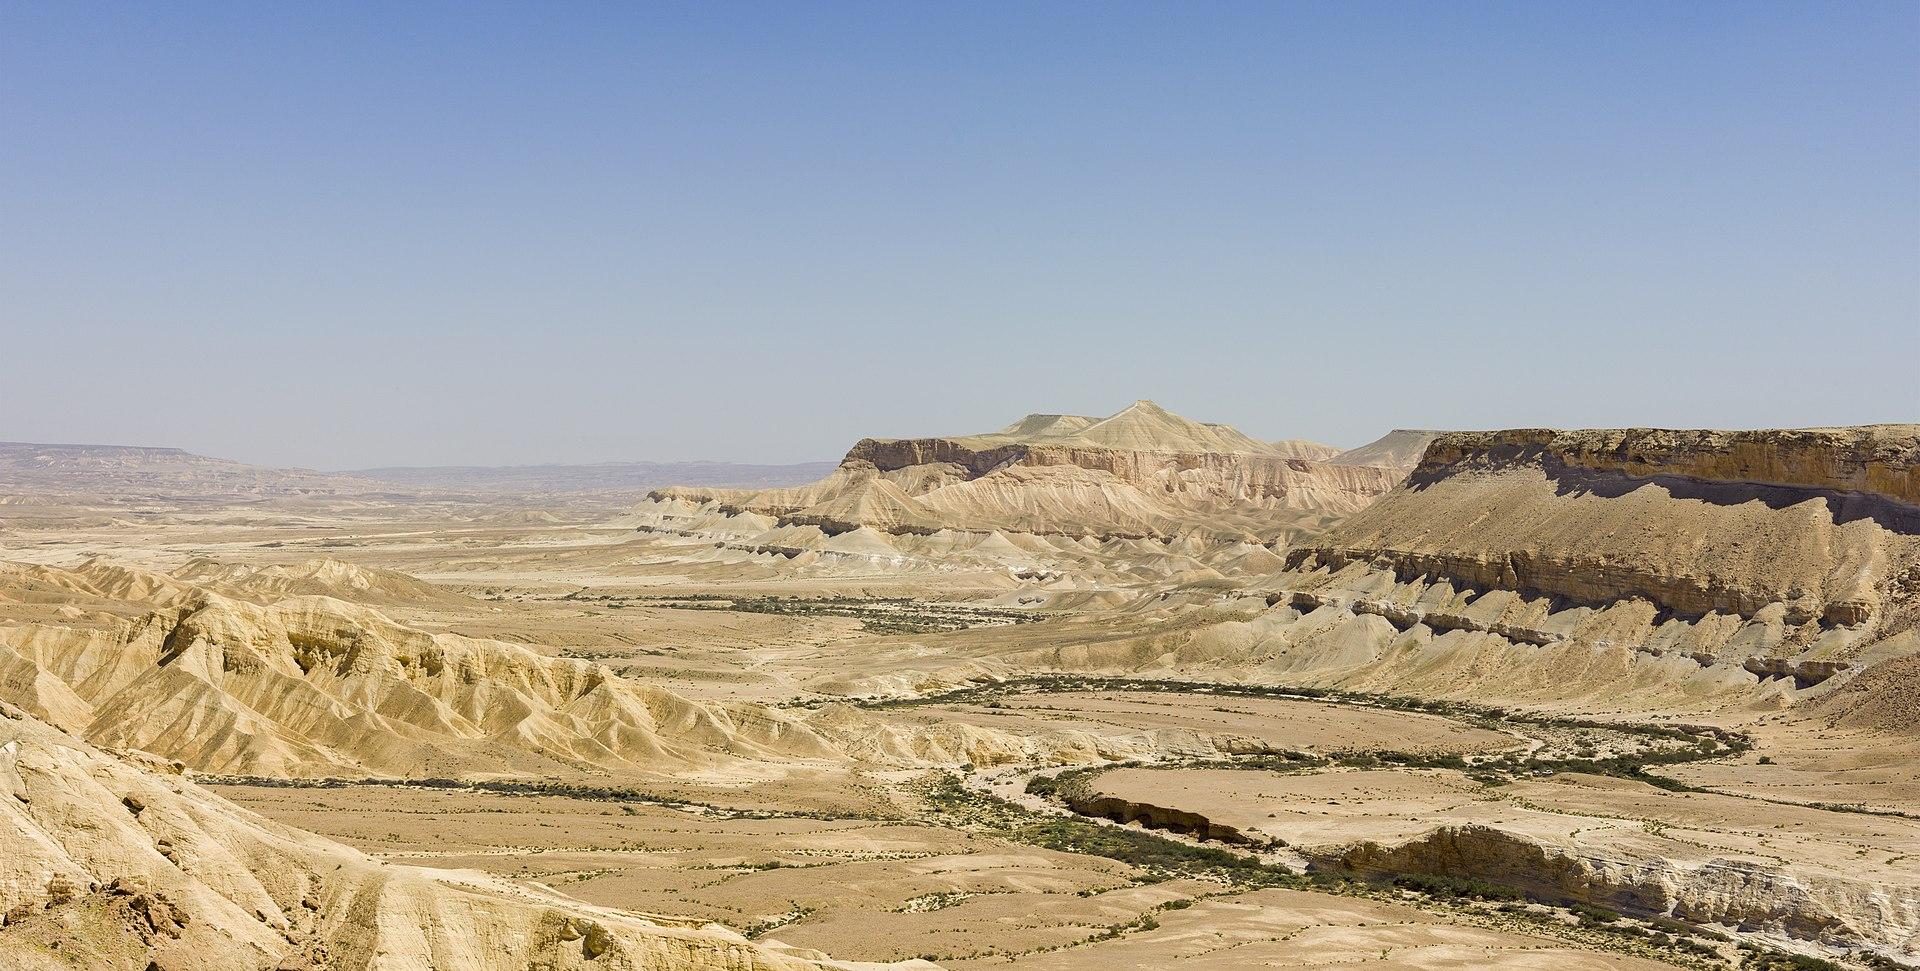 Zin Valley~ Negev